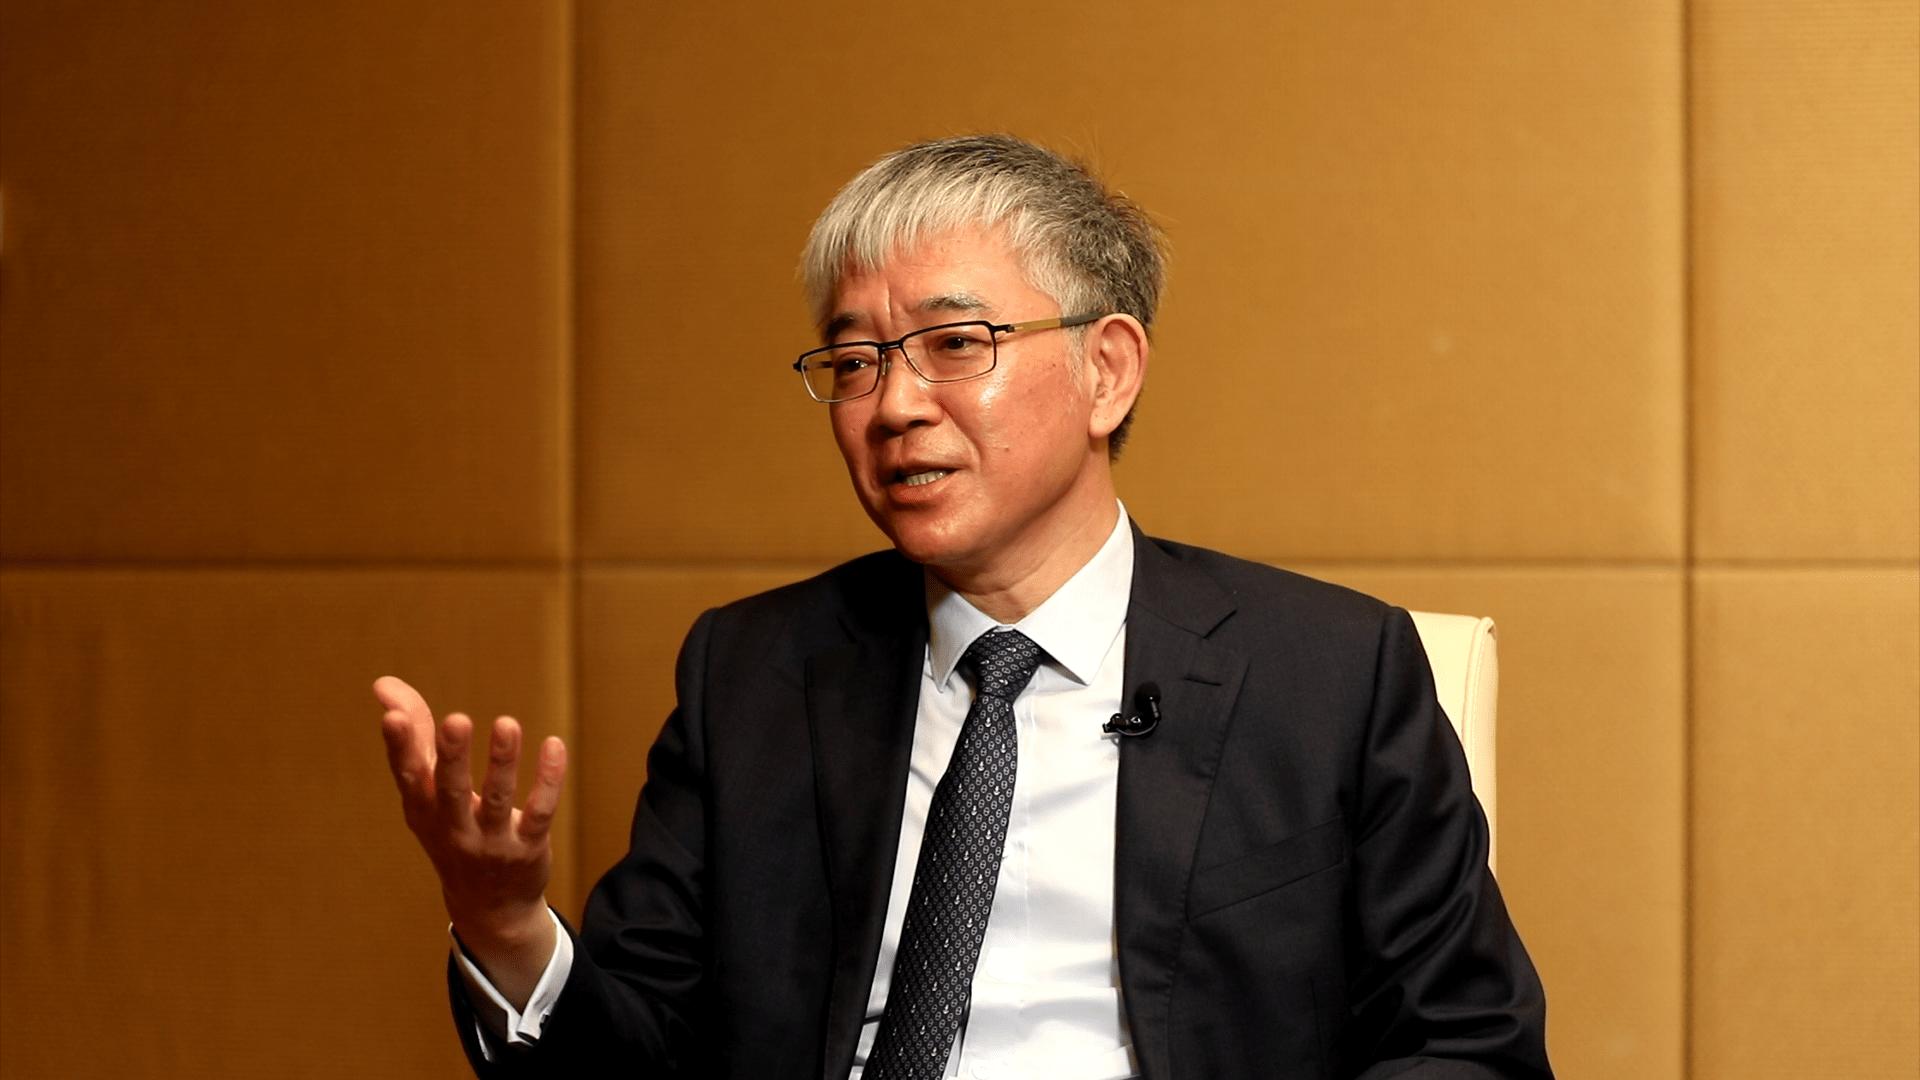 刘晓春谈利率市场化:有企业倒闭是正常的,要允许小微企业的贷款利率高一些